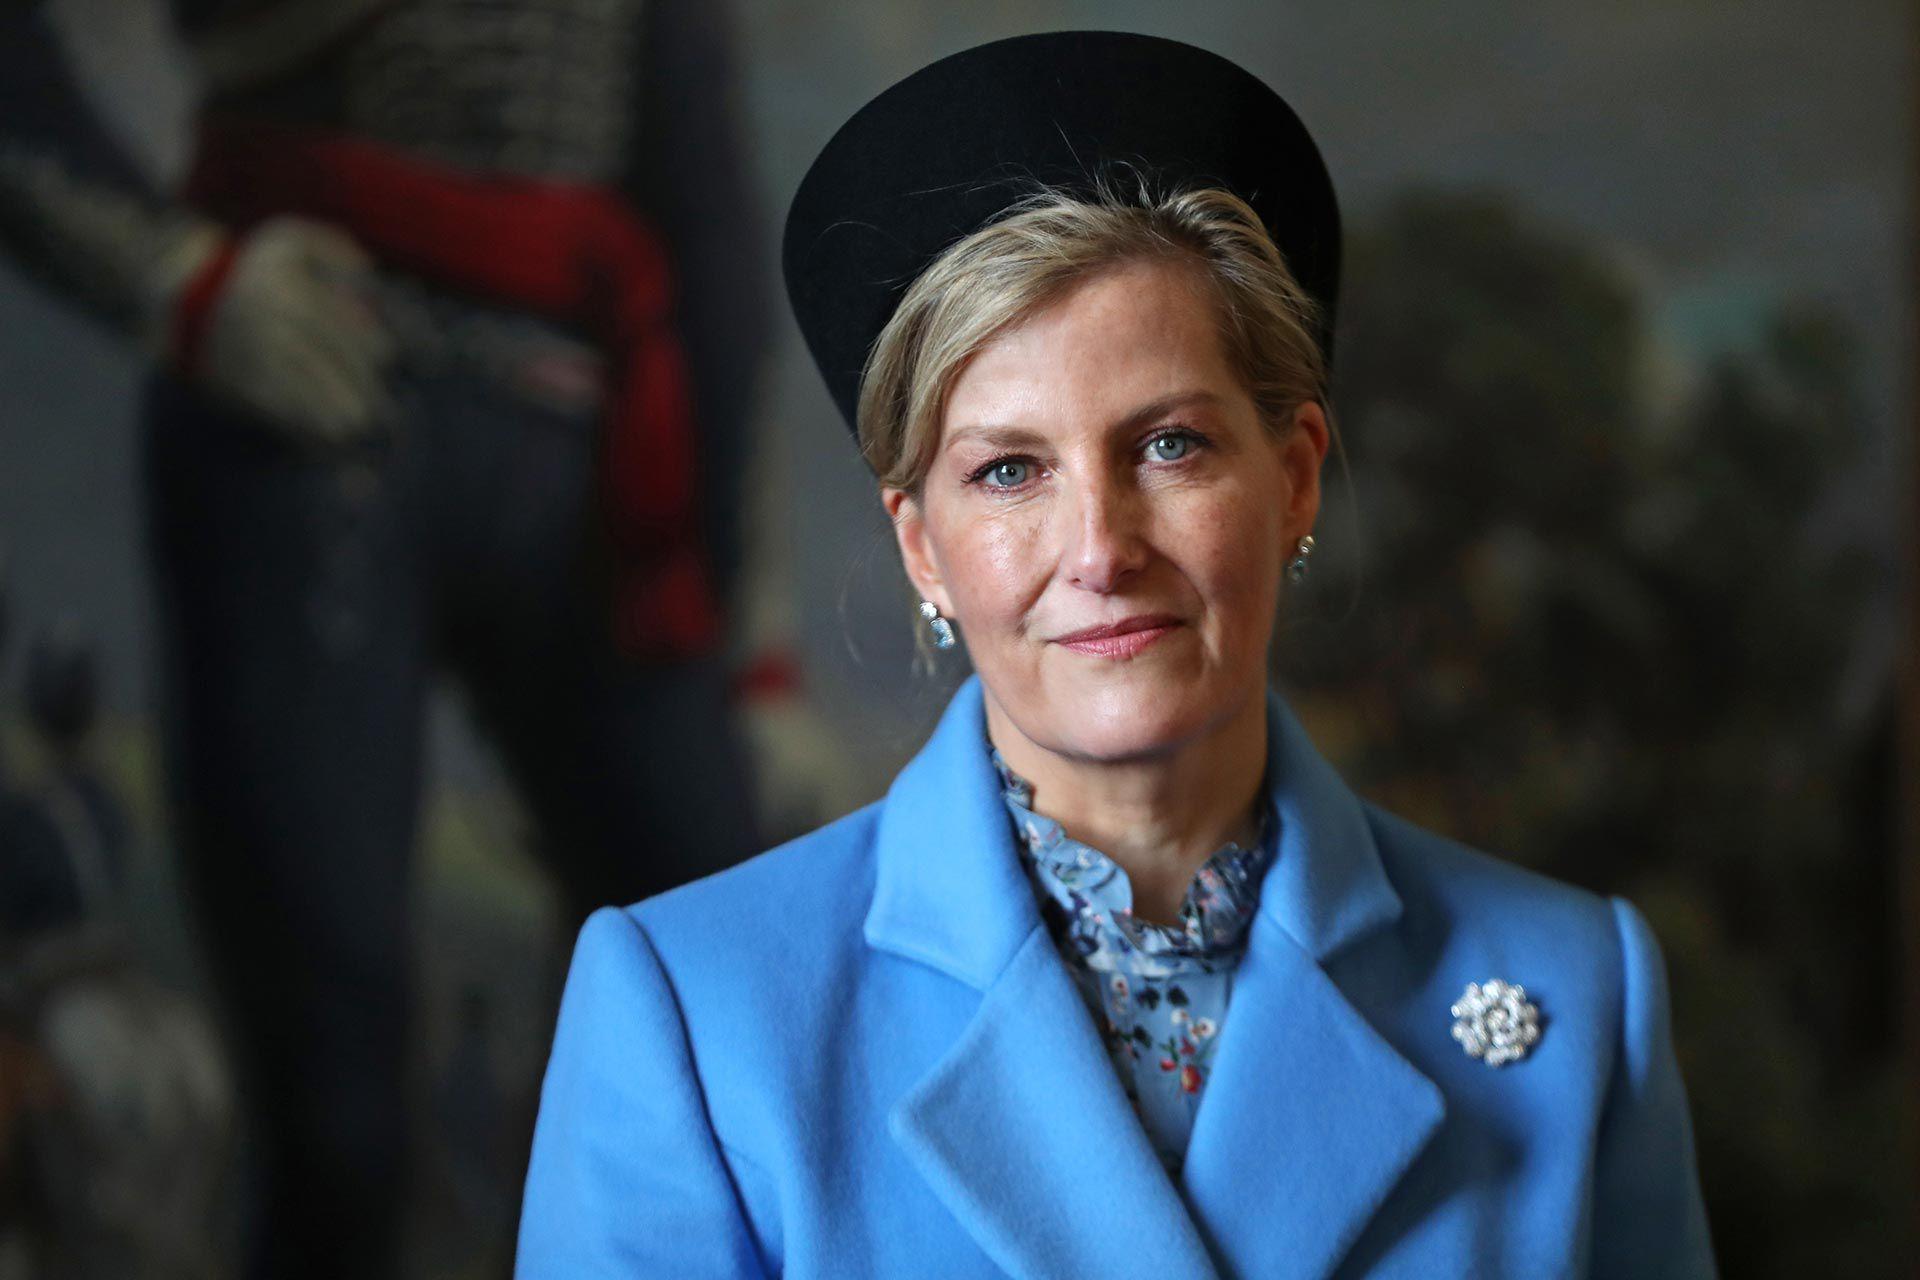 Los medios británicos destacan la popularidad de Sofía de Sussex y al estrecha relación con su suegra, la reina Isabel II (Shutterstock)